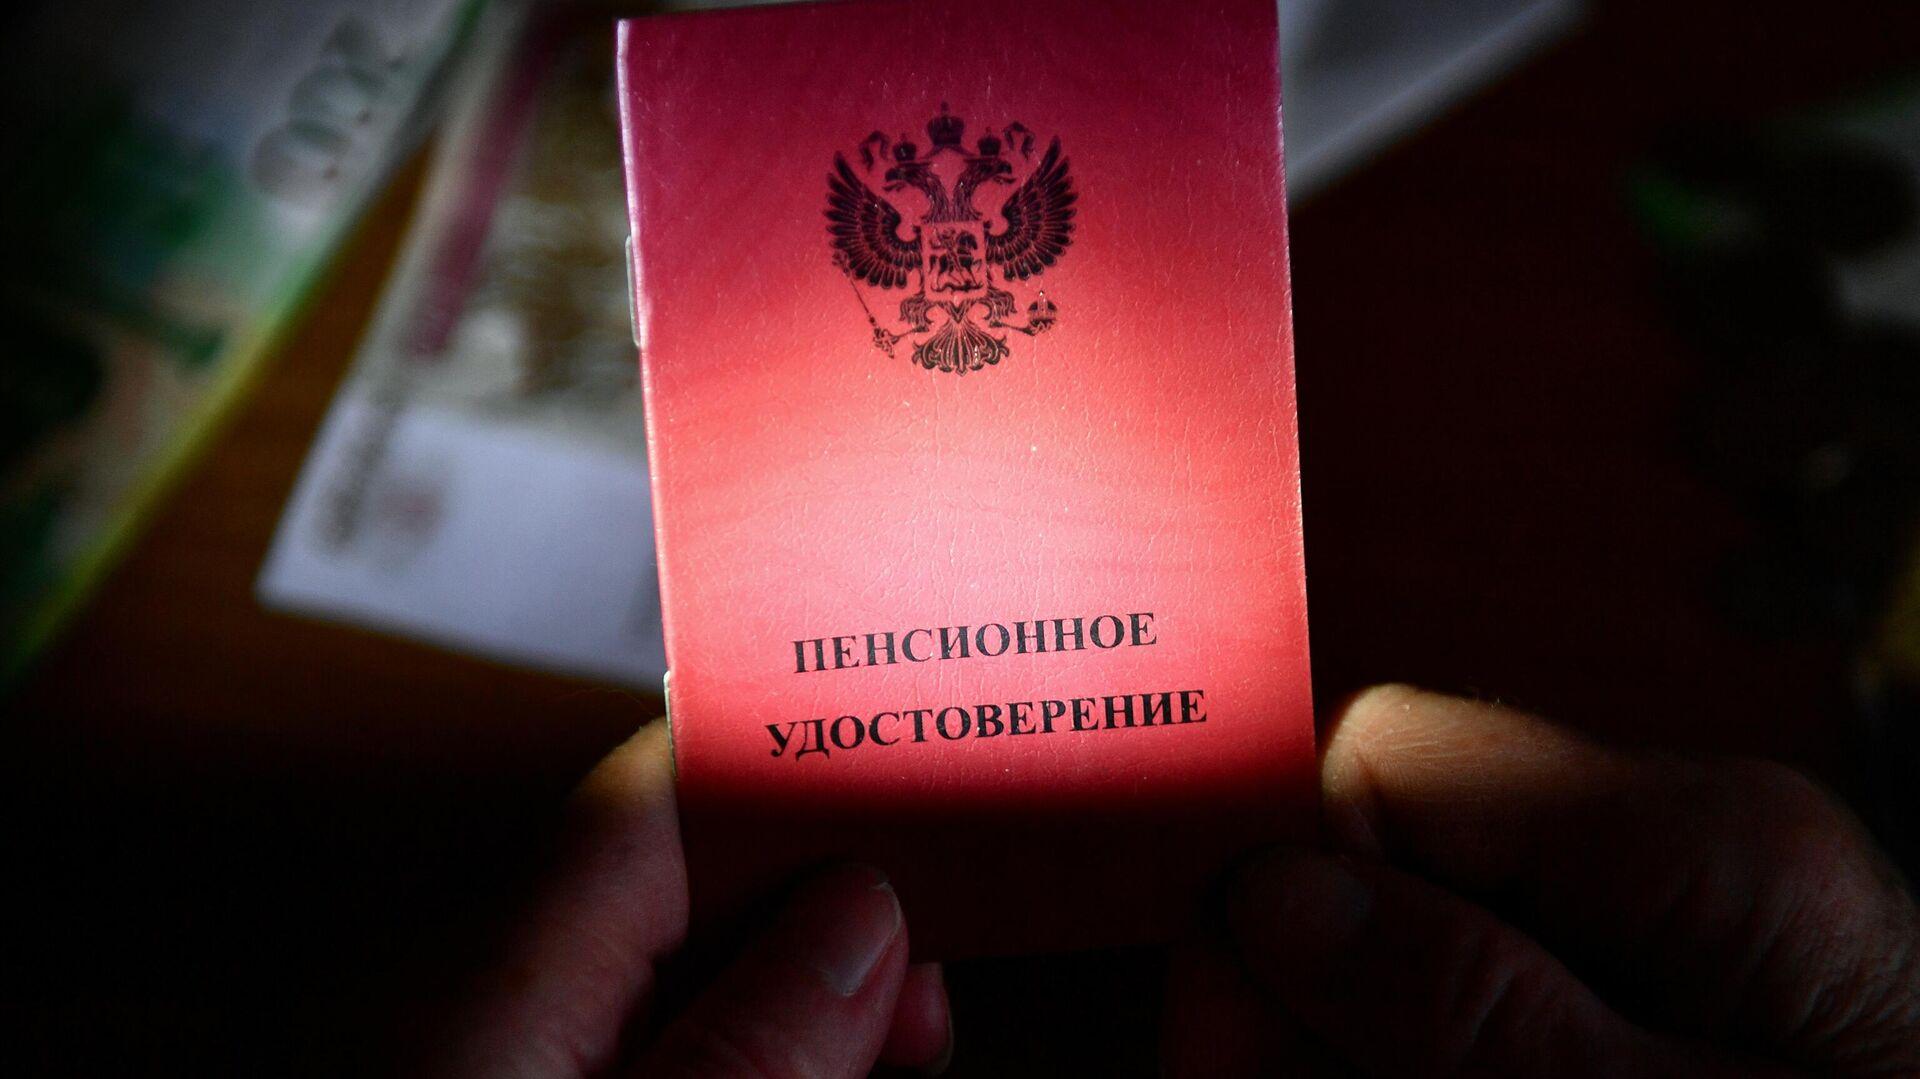 Пенсионное удостоверение - РИА Новости, 1920, 11.09.2021